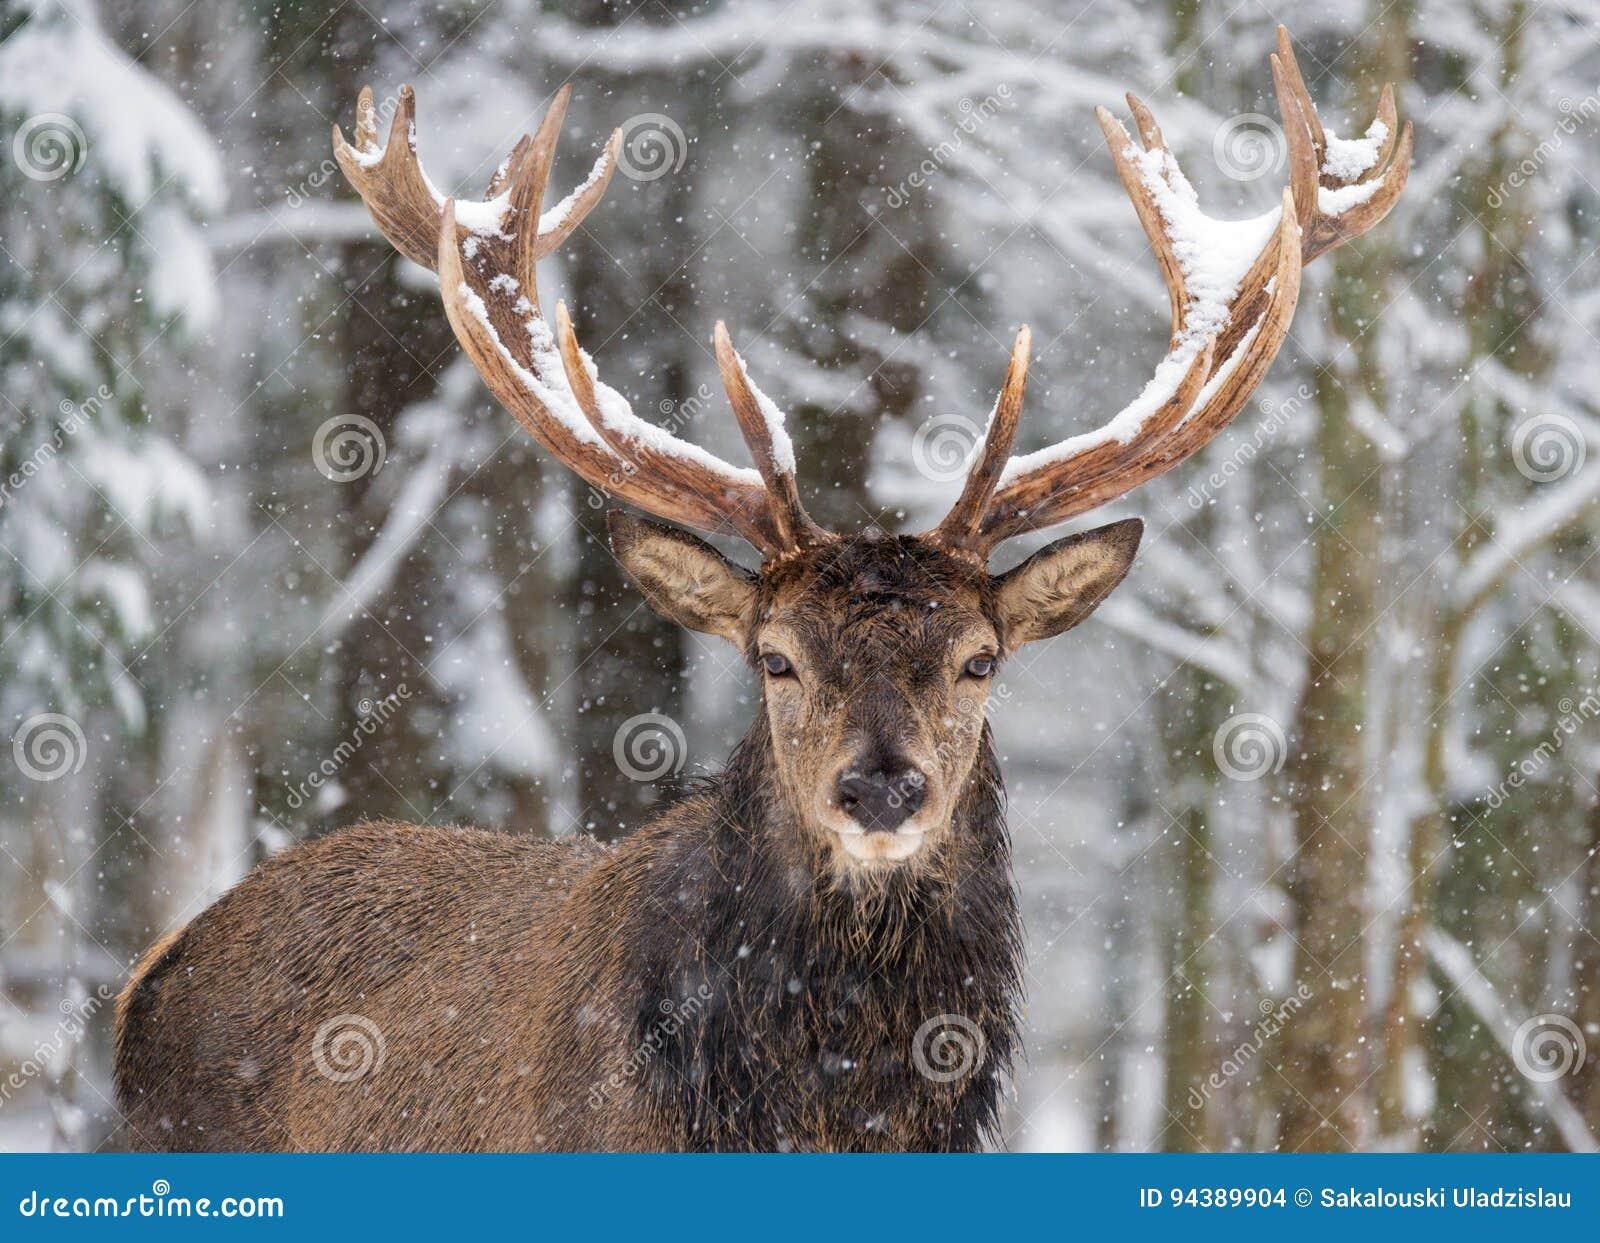 Одиночные взрослые благородные олени с большими красивыми рожками на снежном поле, смотря вас Европейский ландшафт живой природы